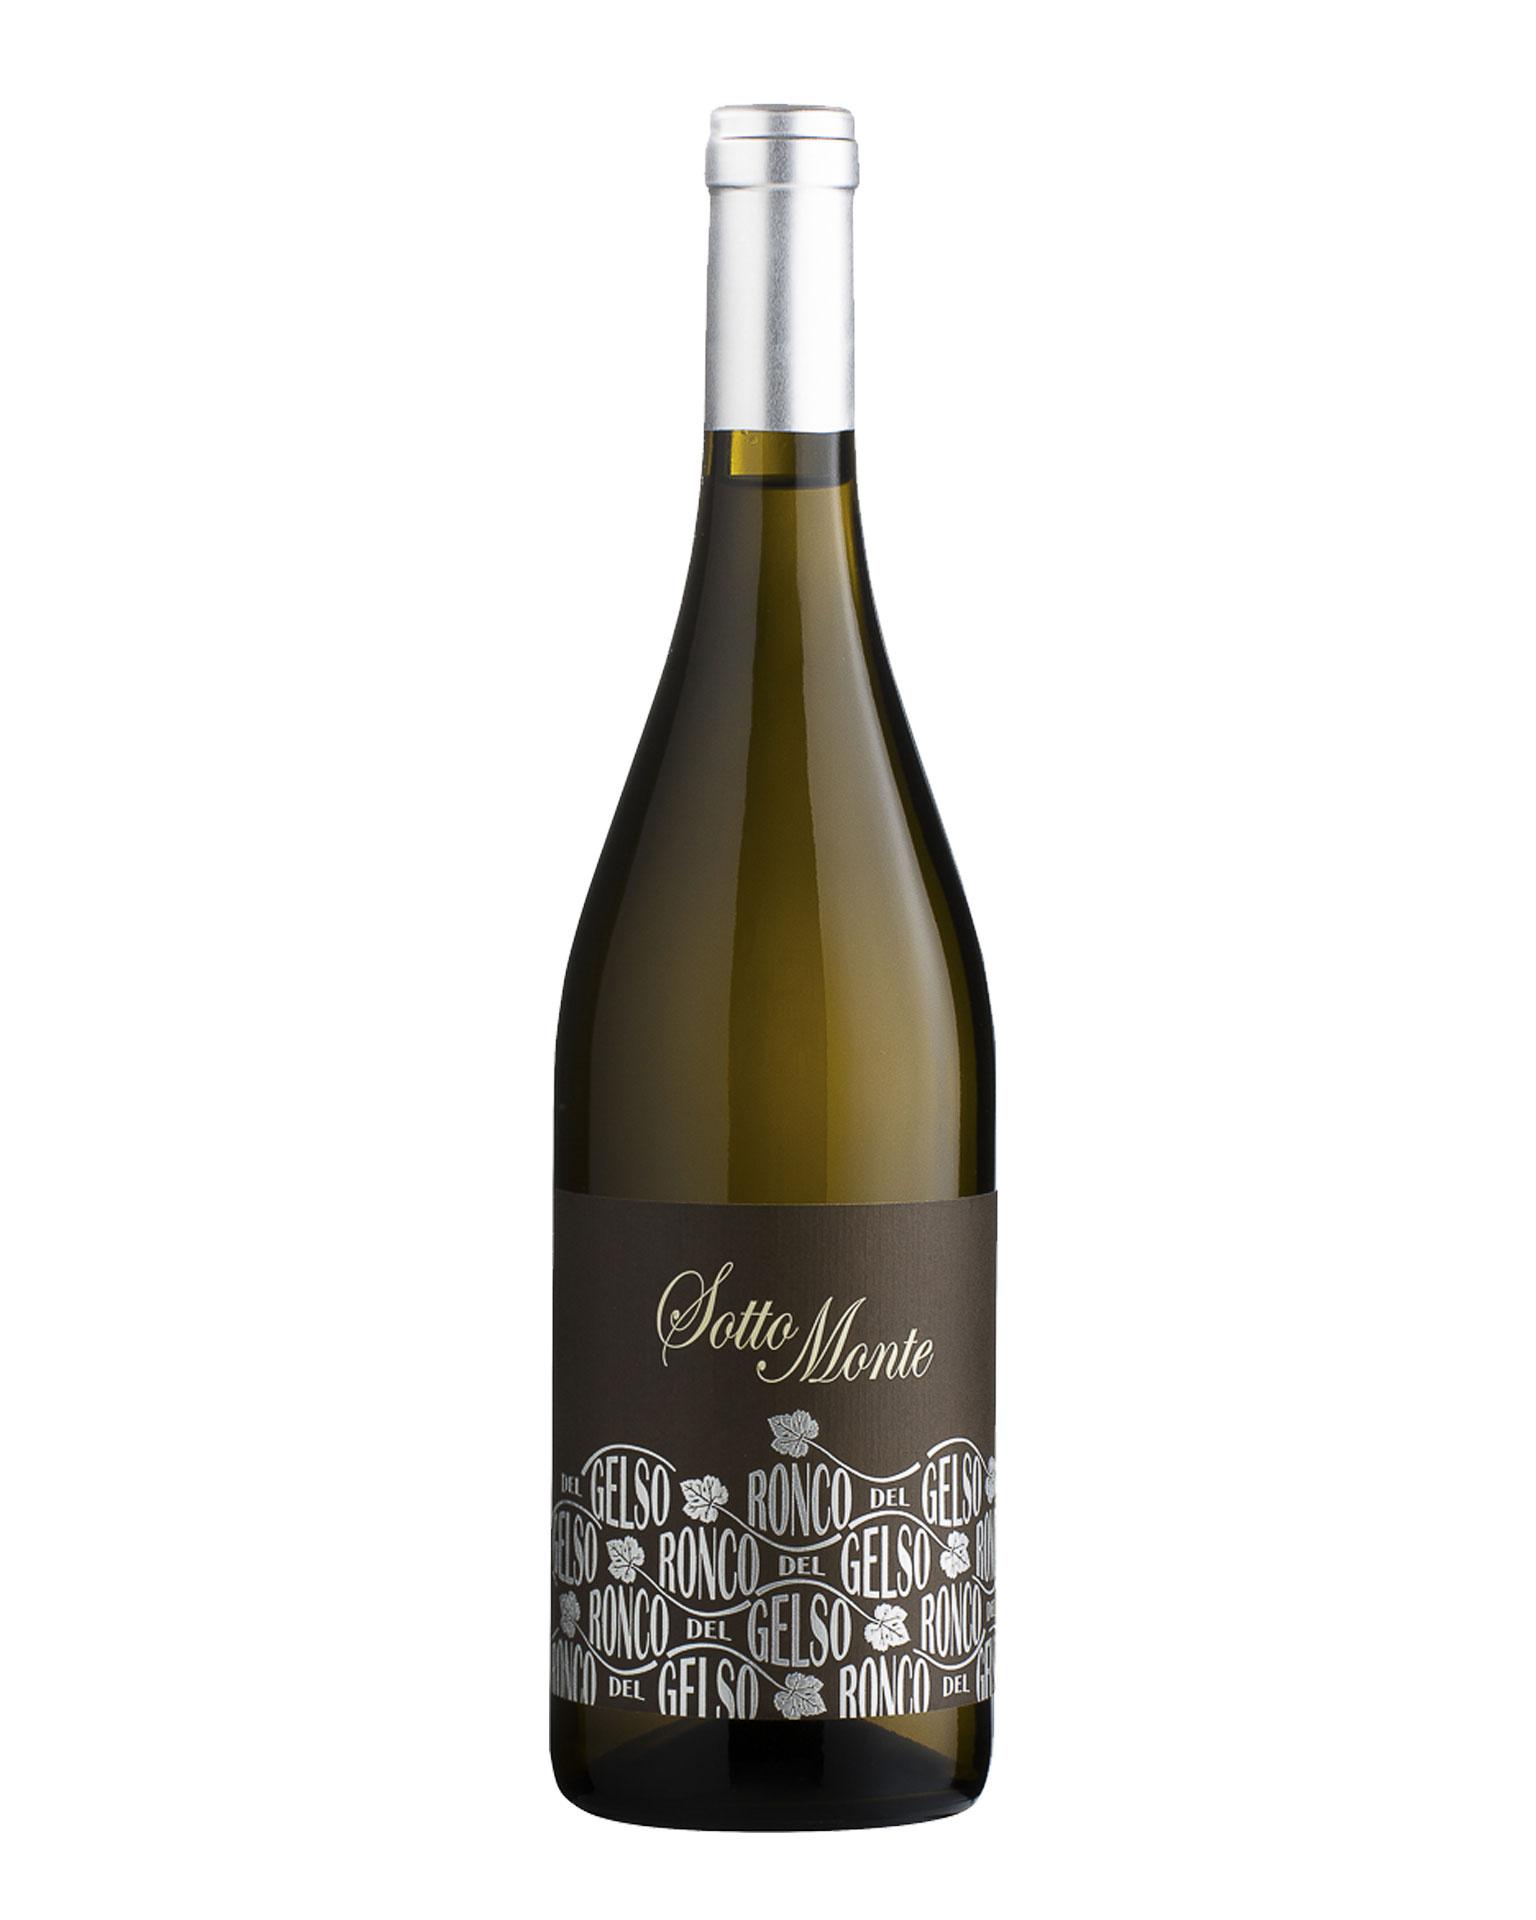 Ronco del Gelso Sauvignon Blanc, Sotto Monte 2018-2